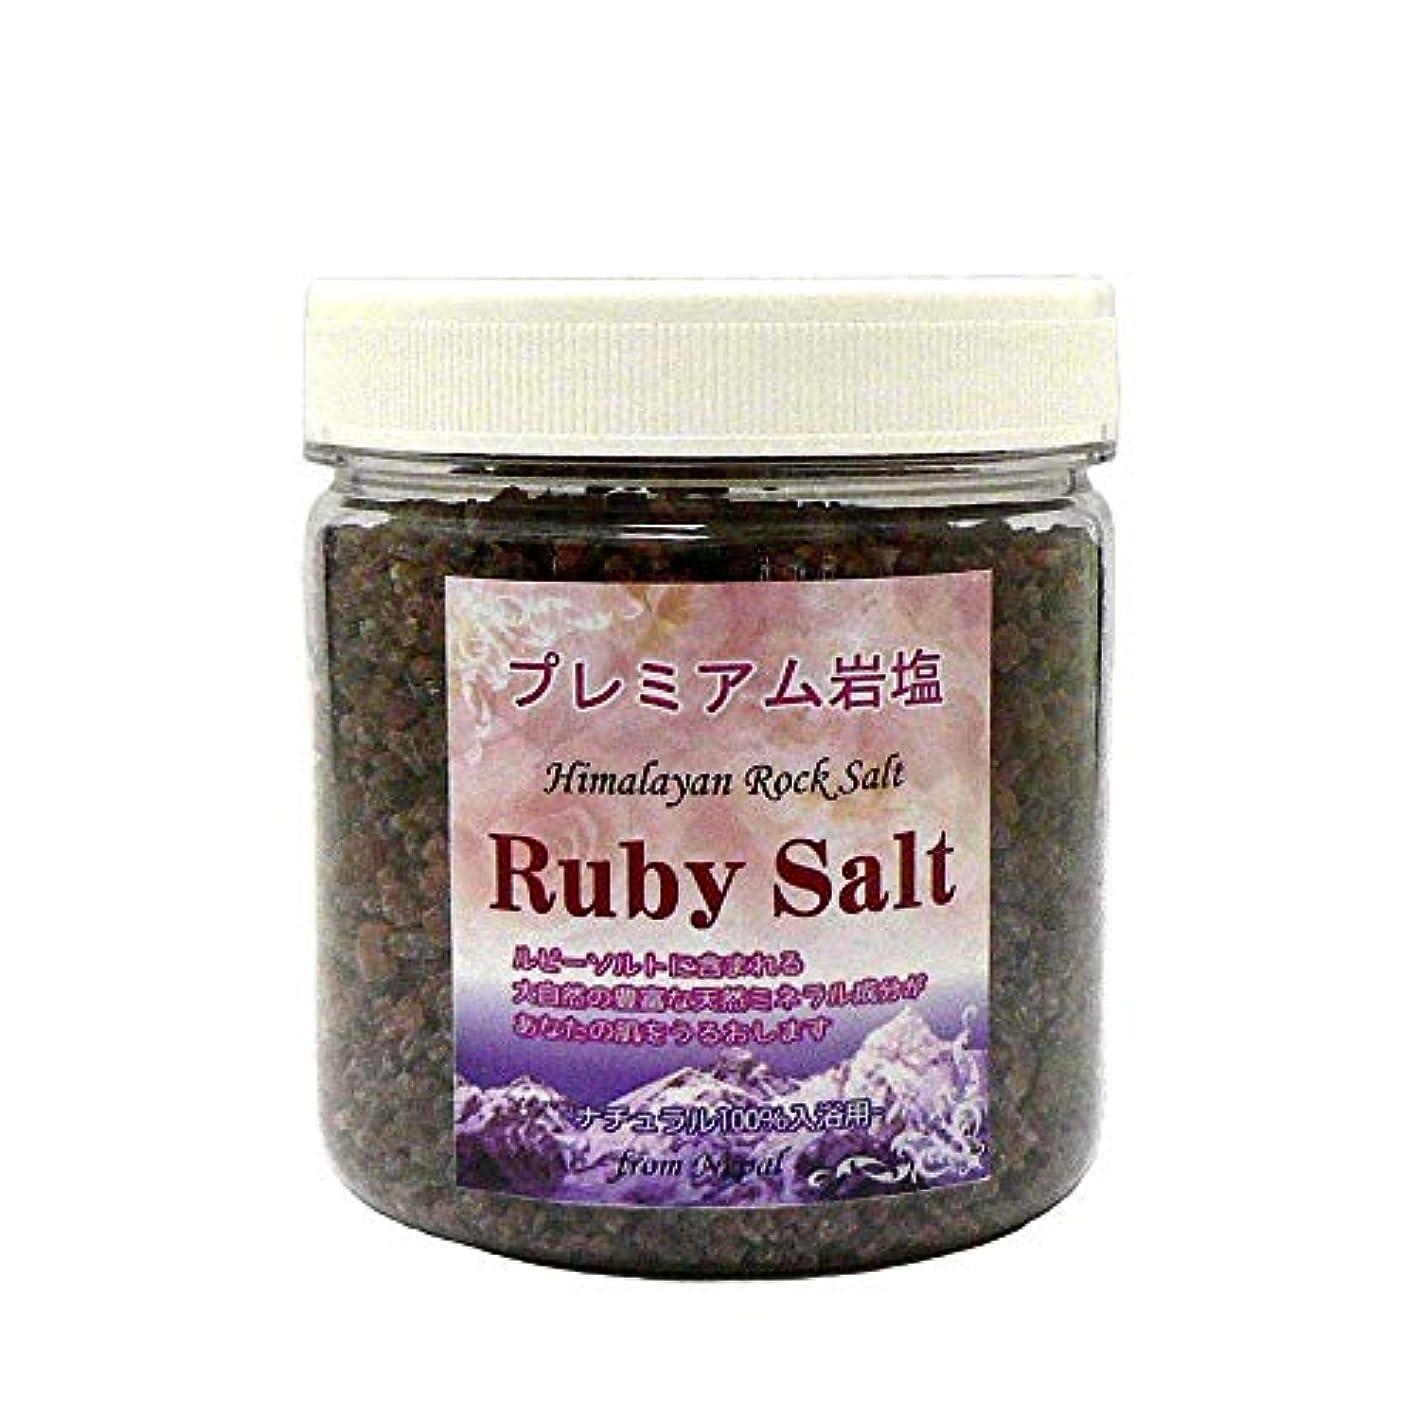 ホバート汚いステージヒマラヤ岩塩 プレミアム ルビーソルト バスソルト(Sサイズ塊り) ルビー岩塩 (600g×2個セット)